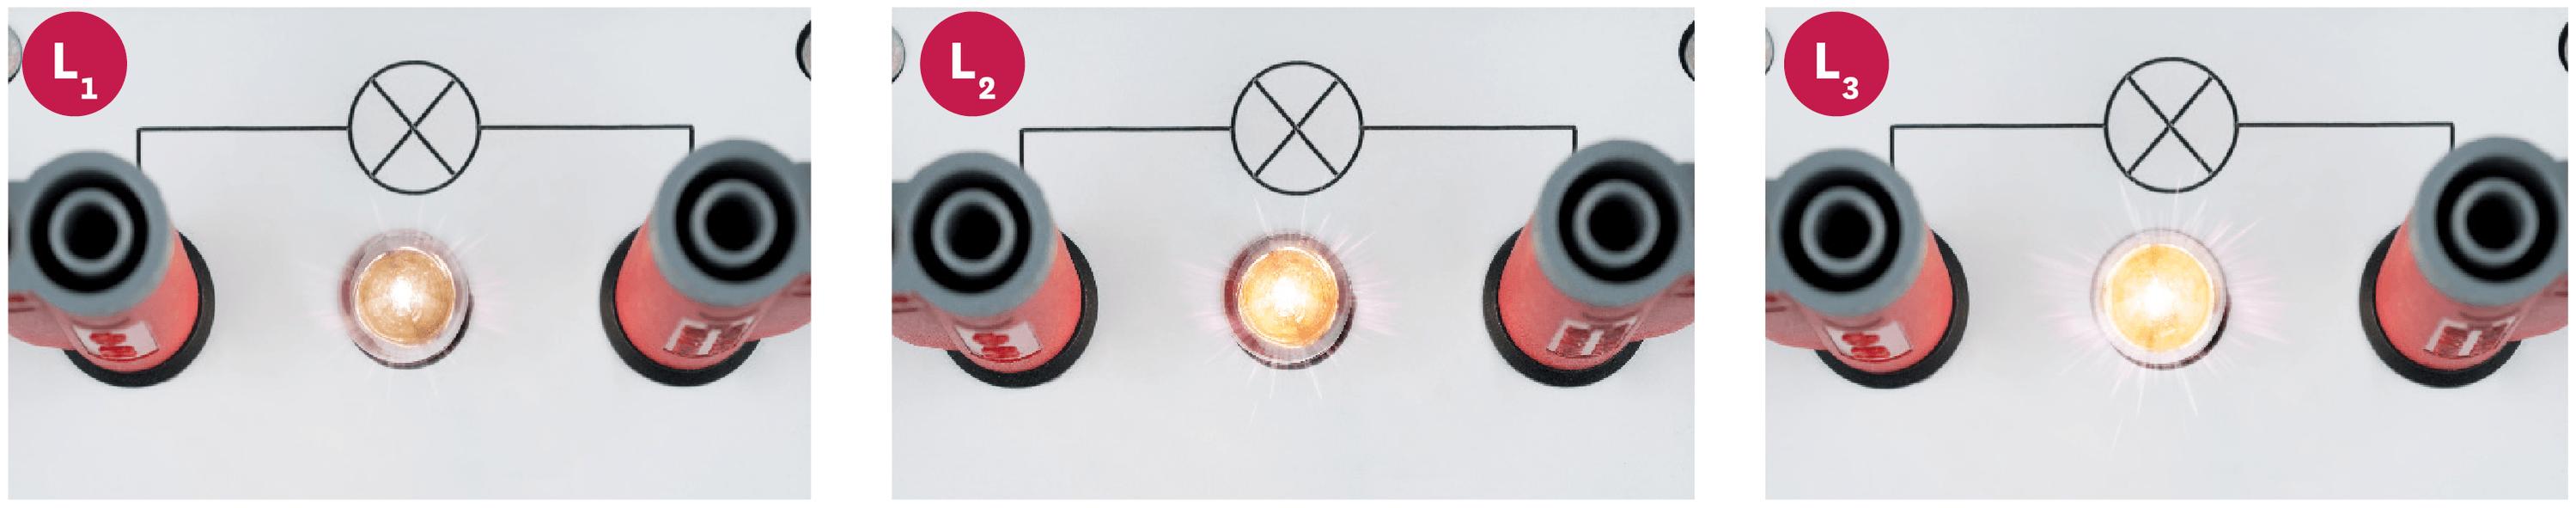 Pourquoi ces trois lampes ne brillent-elles pas de la même manière ?